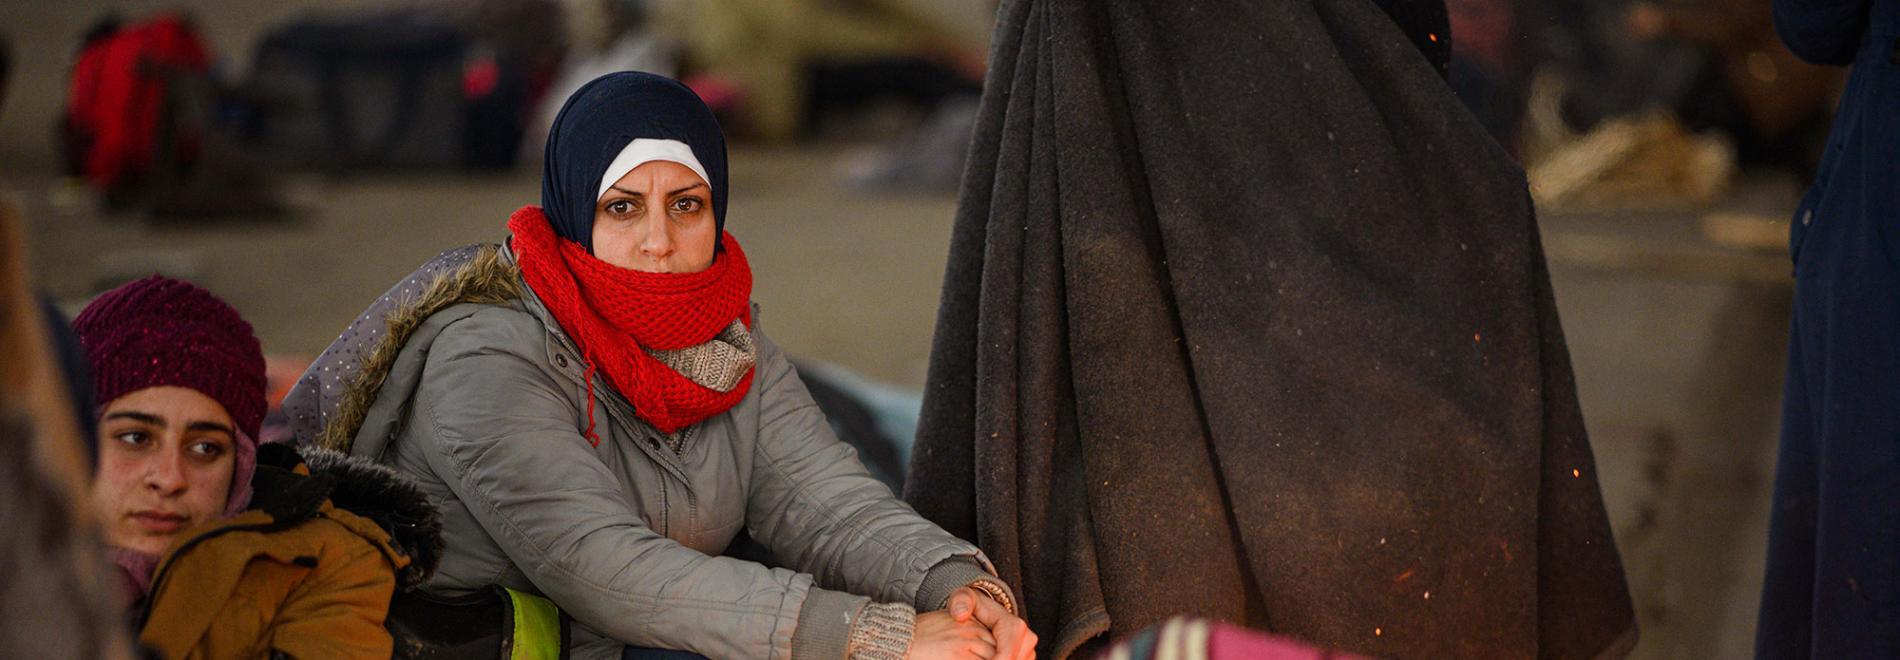 Eine geflüchtete Frau an der griechisch-türkischen Grenze